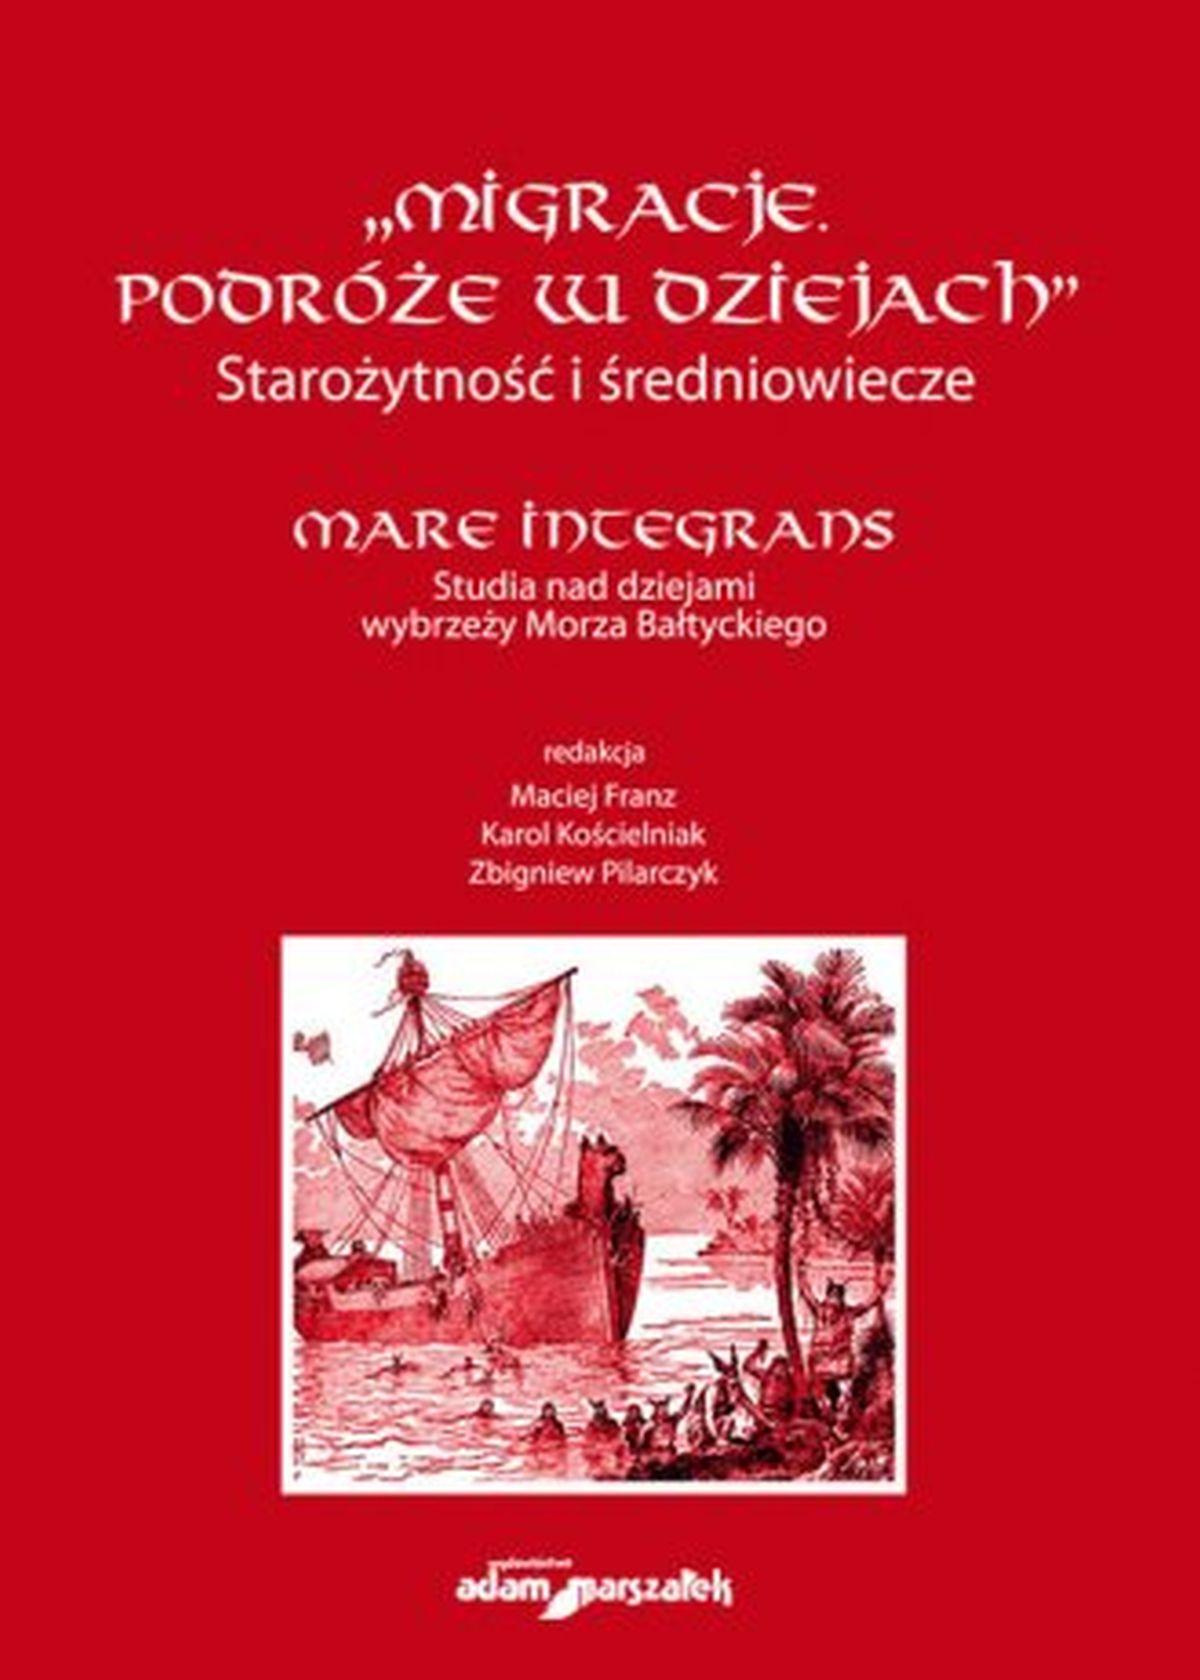 Migracje. Podróże w dziejach. Starożytność i średniowiecze. Mare integrans. Studia nad dziejami wybrzeży morza bałtyckiego